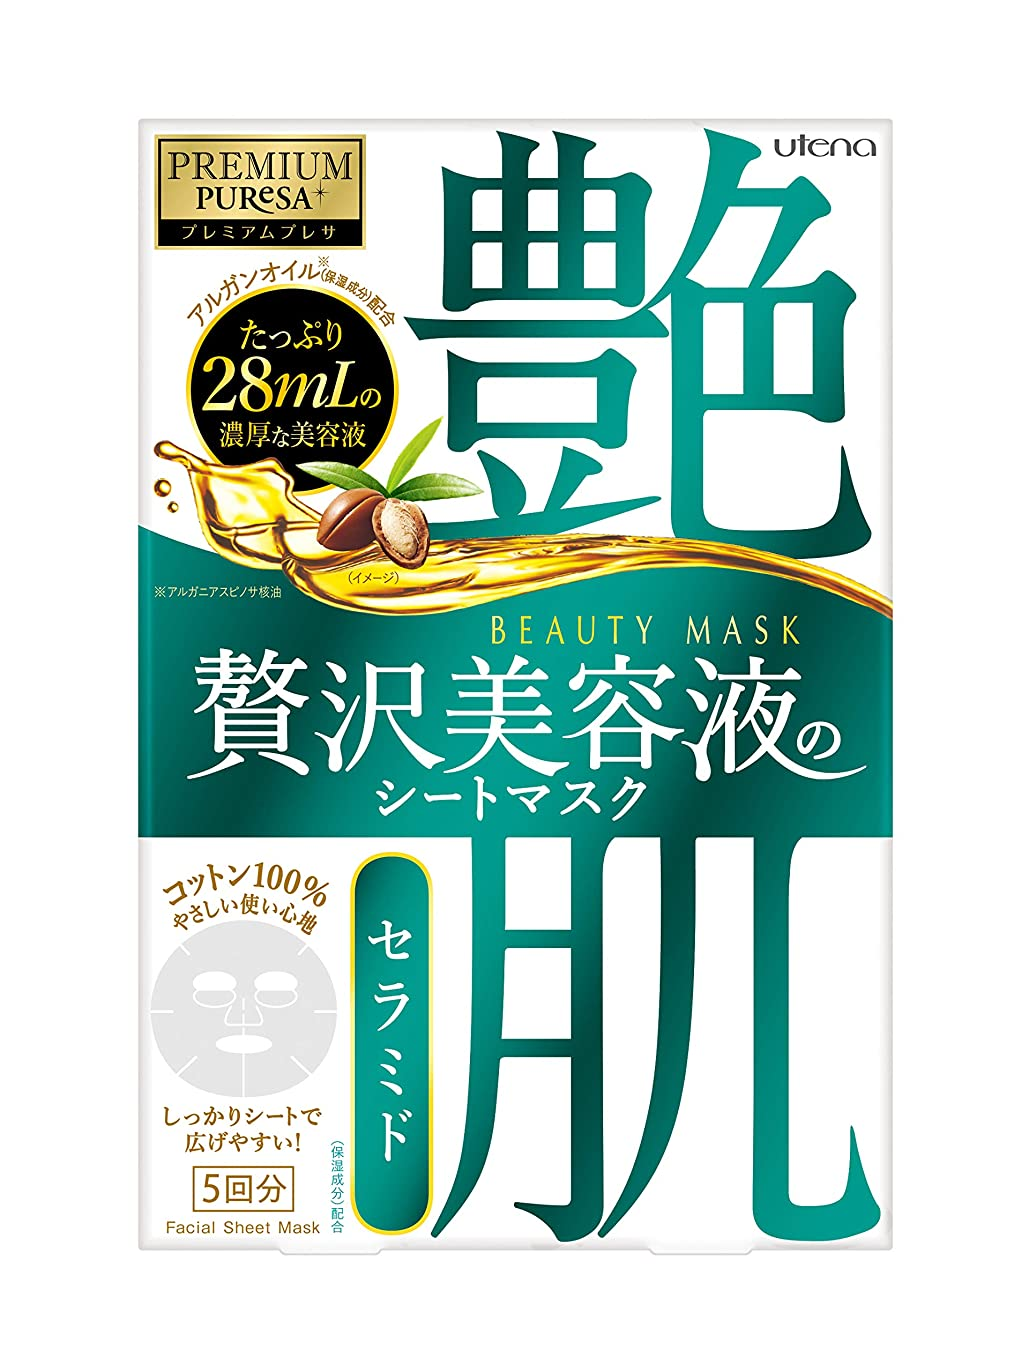 より進む低い【Amazon.co.jp限定】大容量 プレミアムプレサ ビューティーマスク セラミド(5回分)